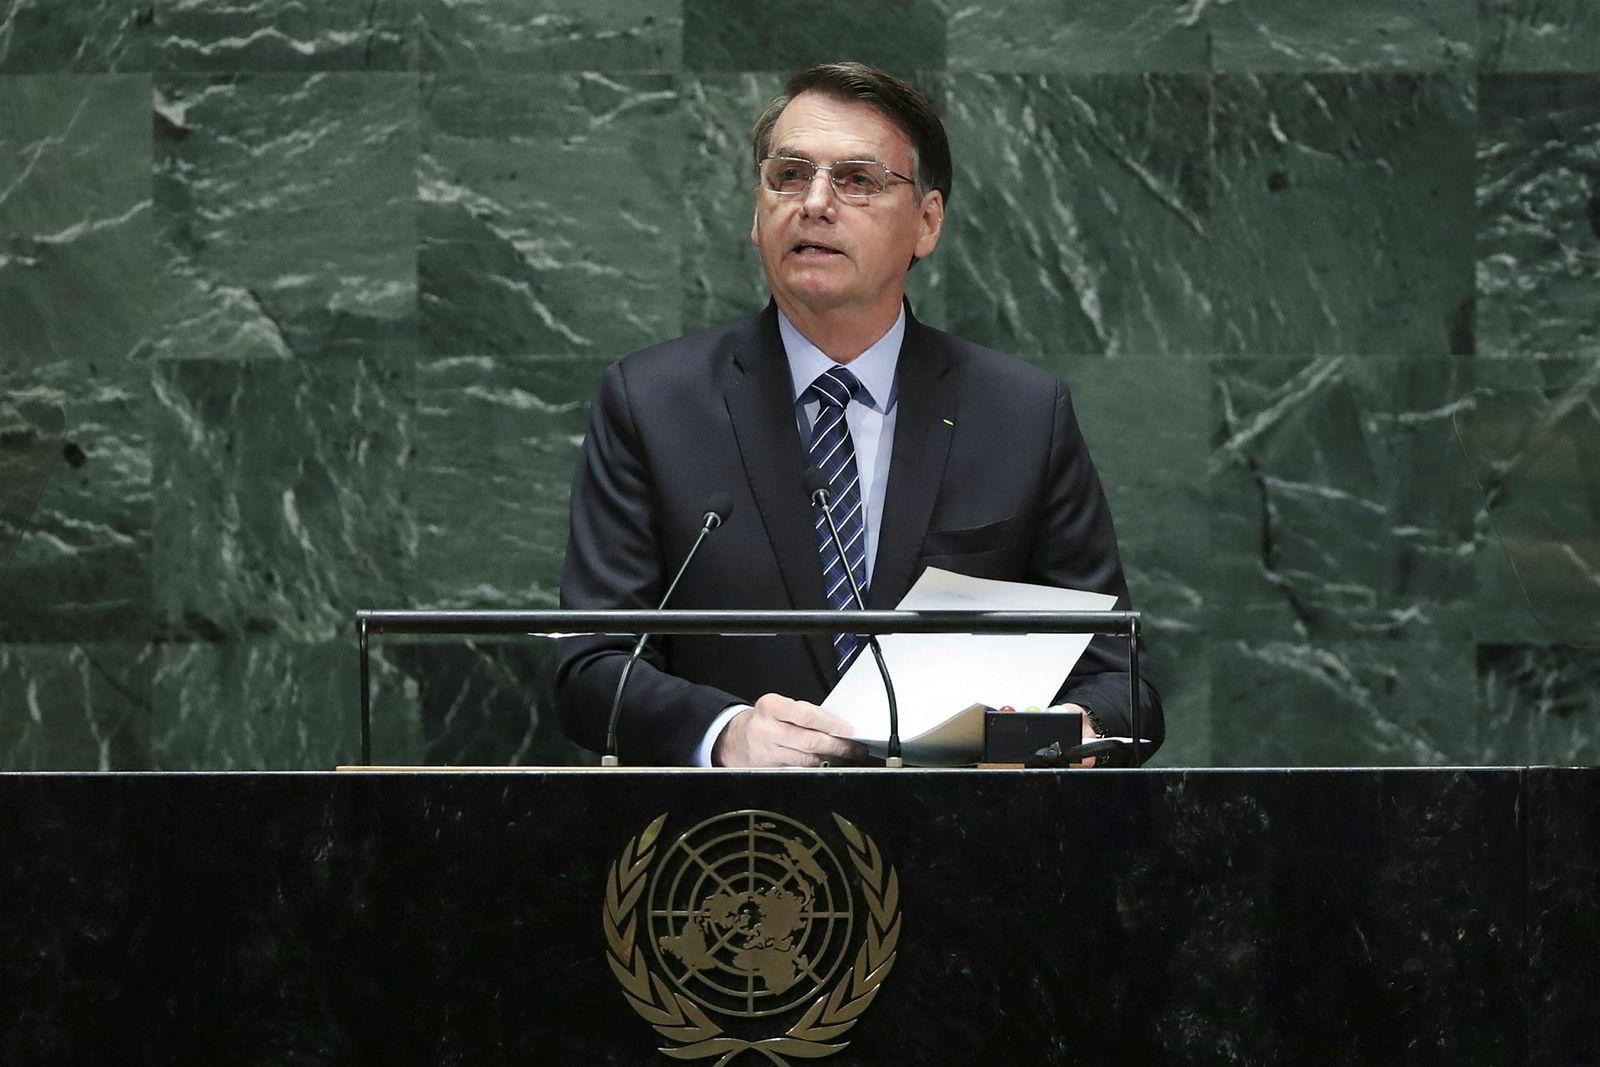 Først ut på talerstolen i FN tirsdag var den brasilianske presidenten Jair Bolsonaro.